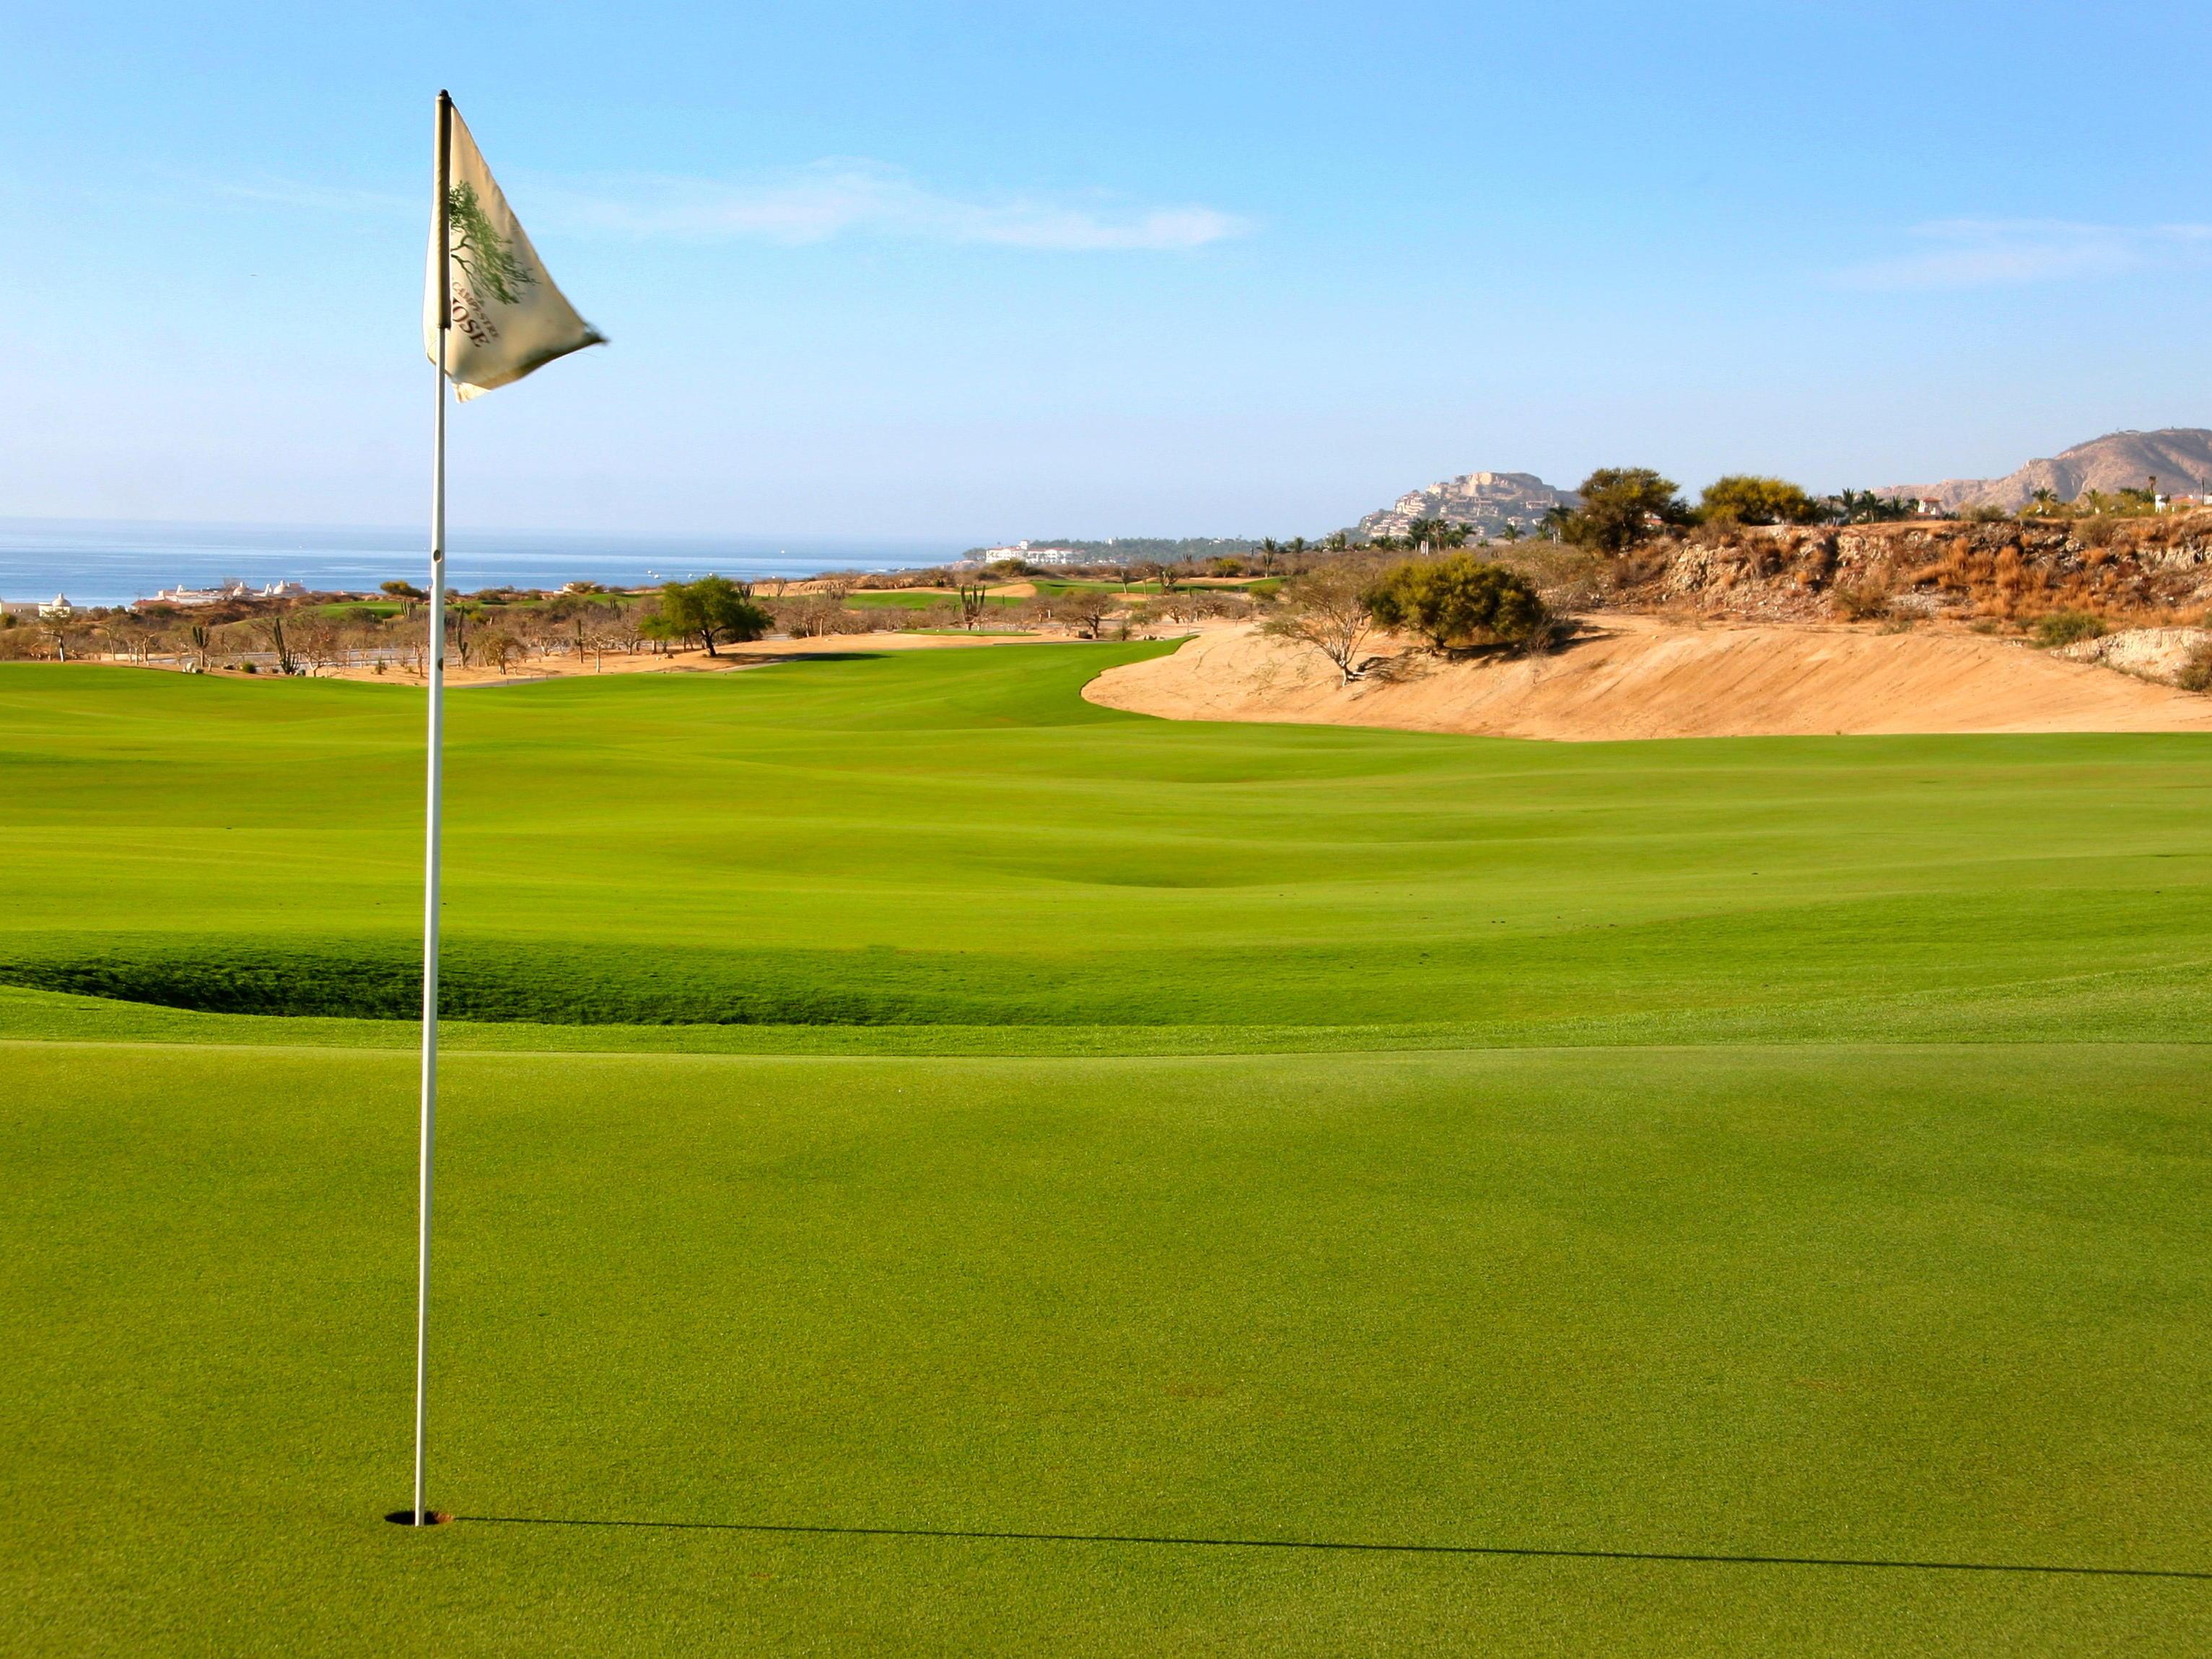 a flagpole on a golf course